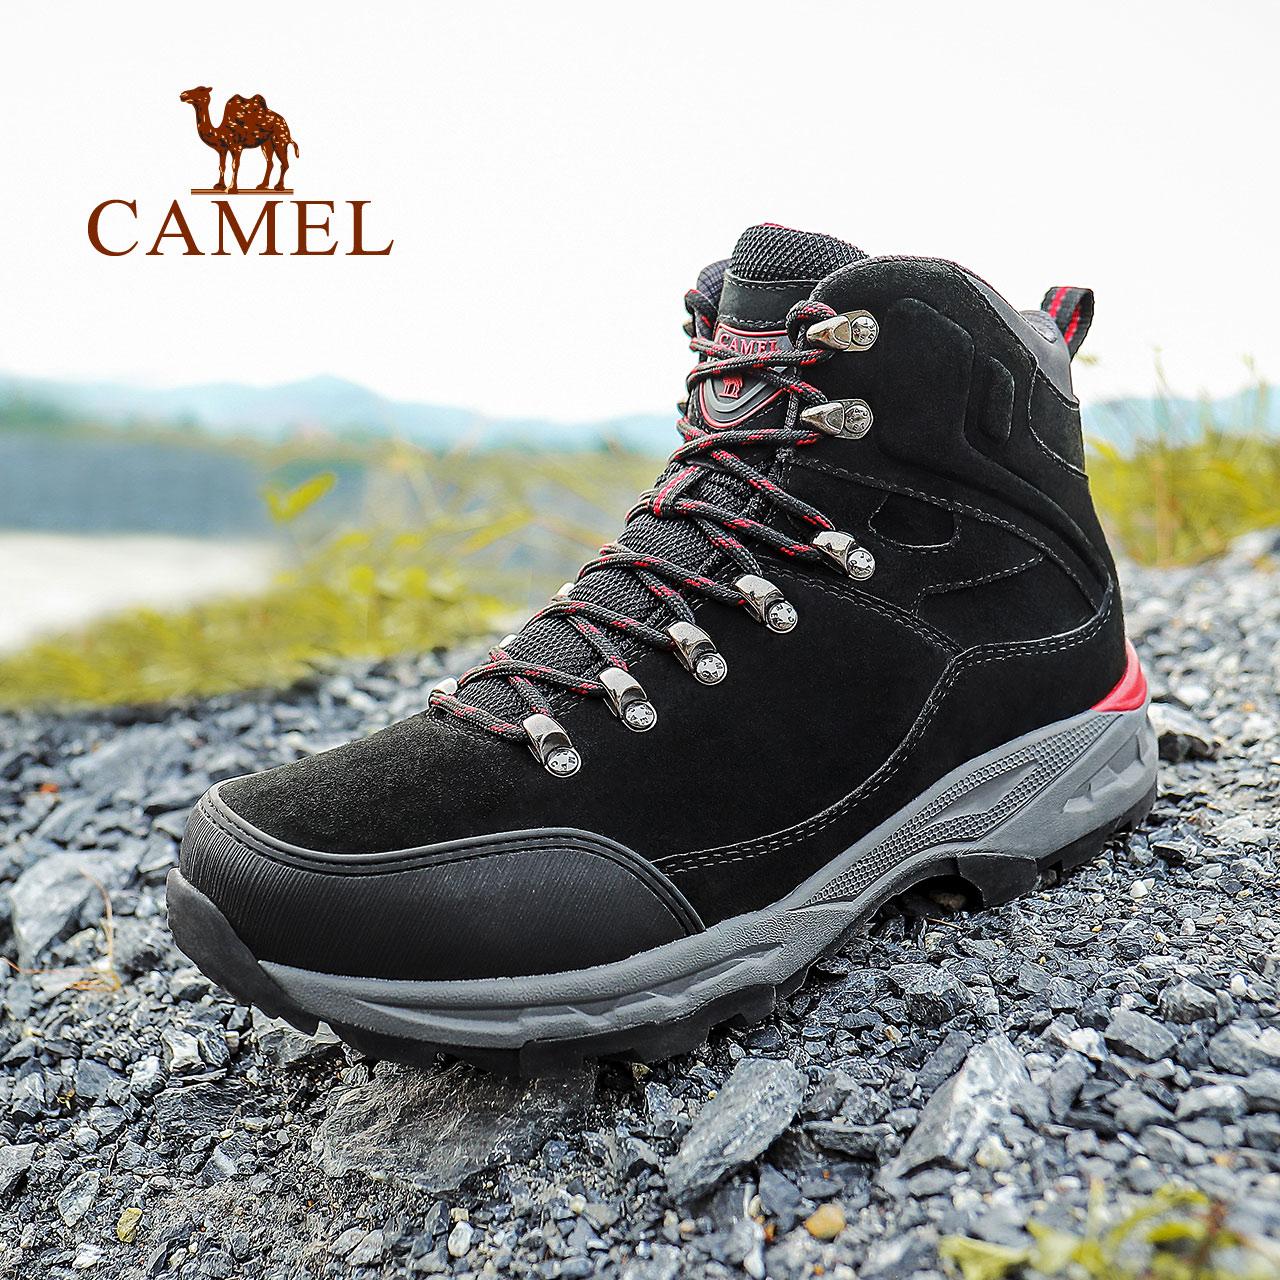 骆驼男鞋2020冬季防水防滑登山鞋高帮潮户外耐磨徒步爬山沙漠靴